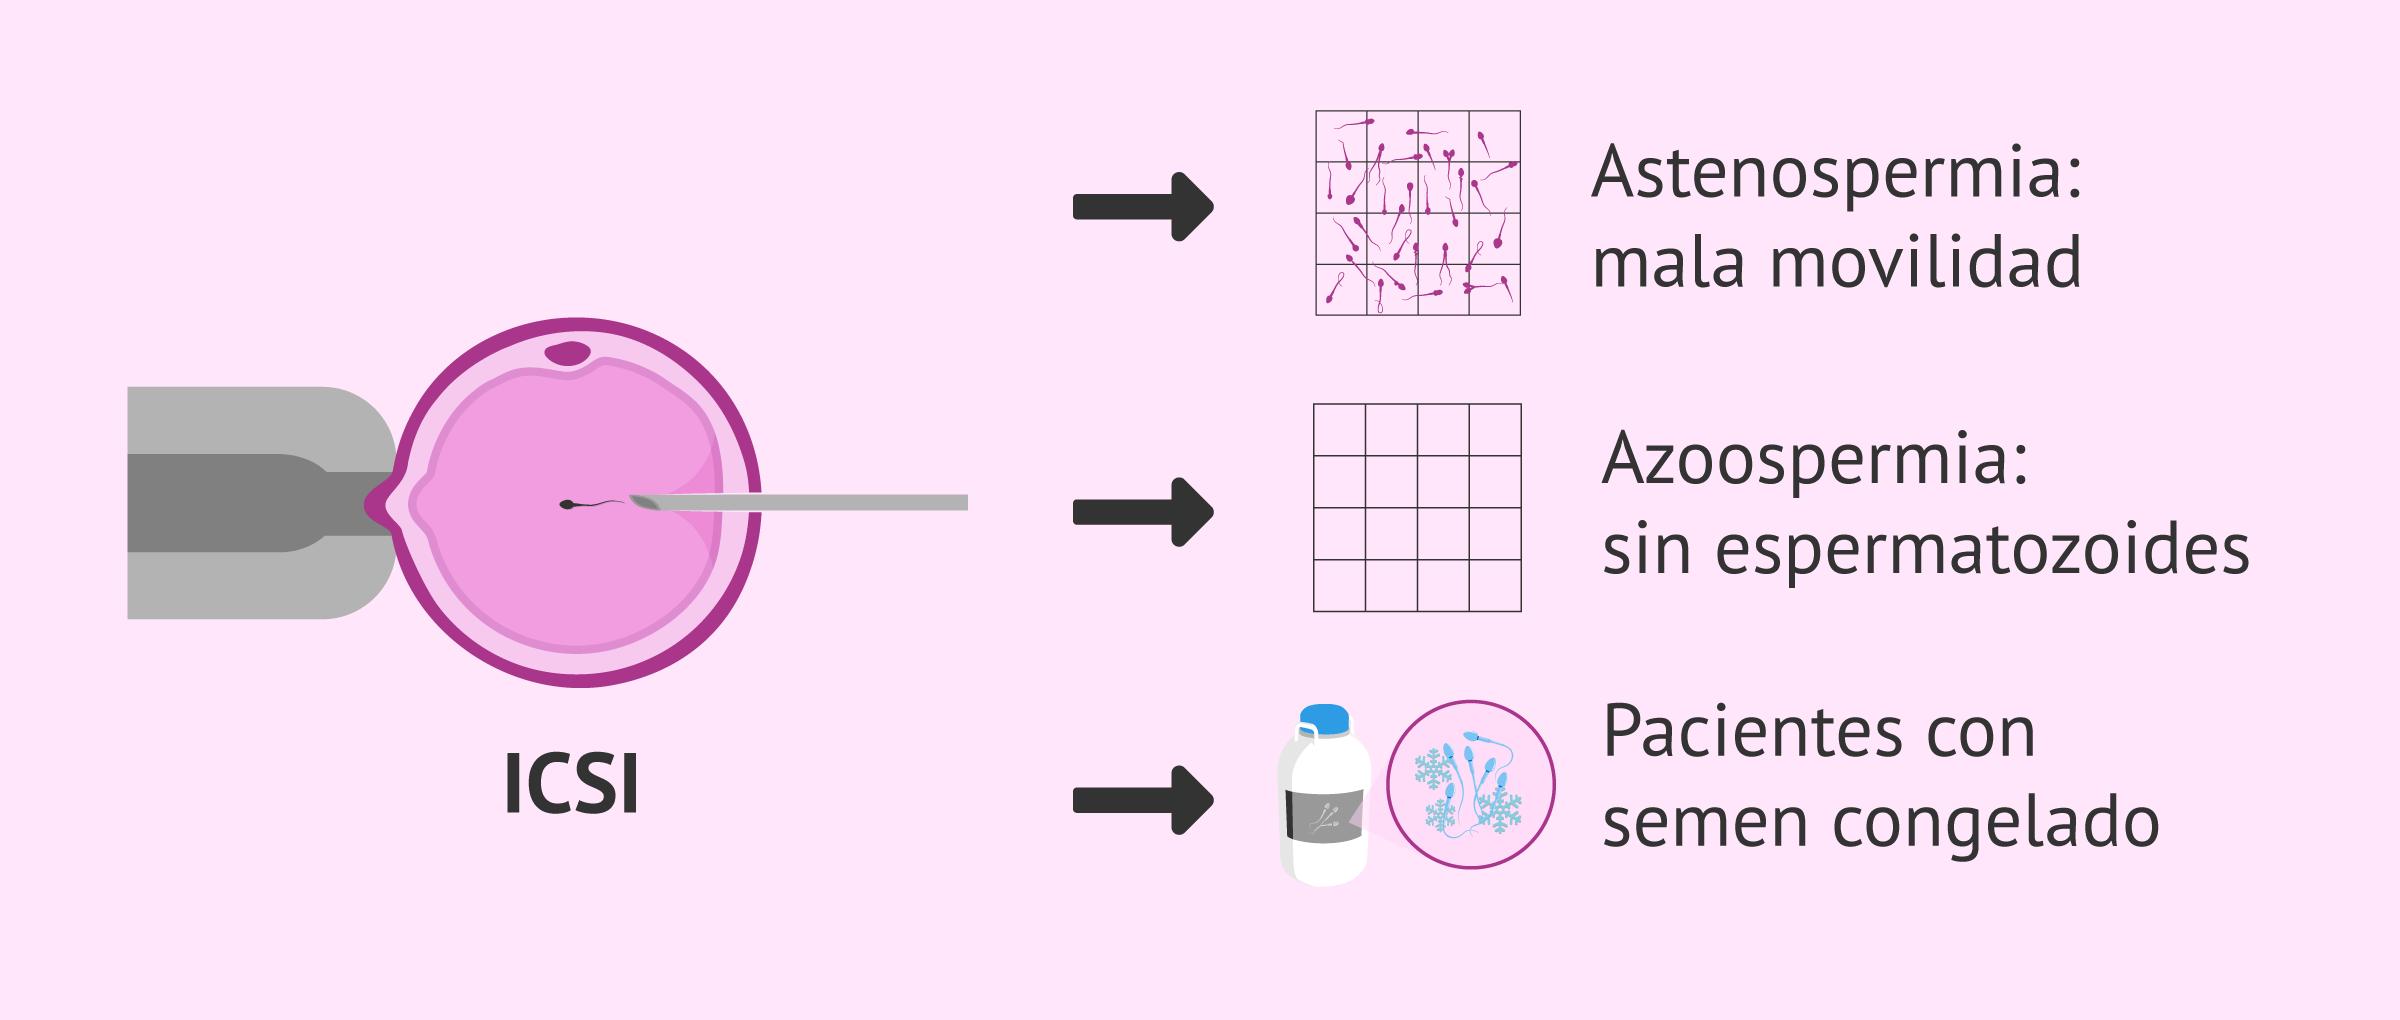 ICSI como solución para la esterilidad masculina